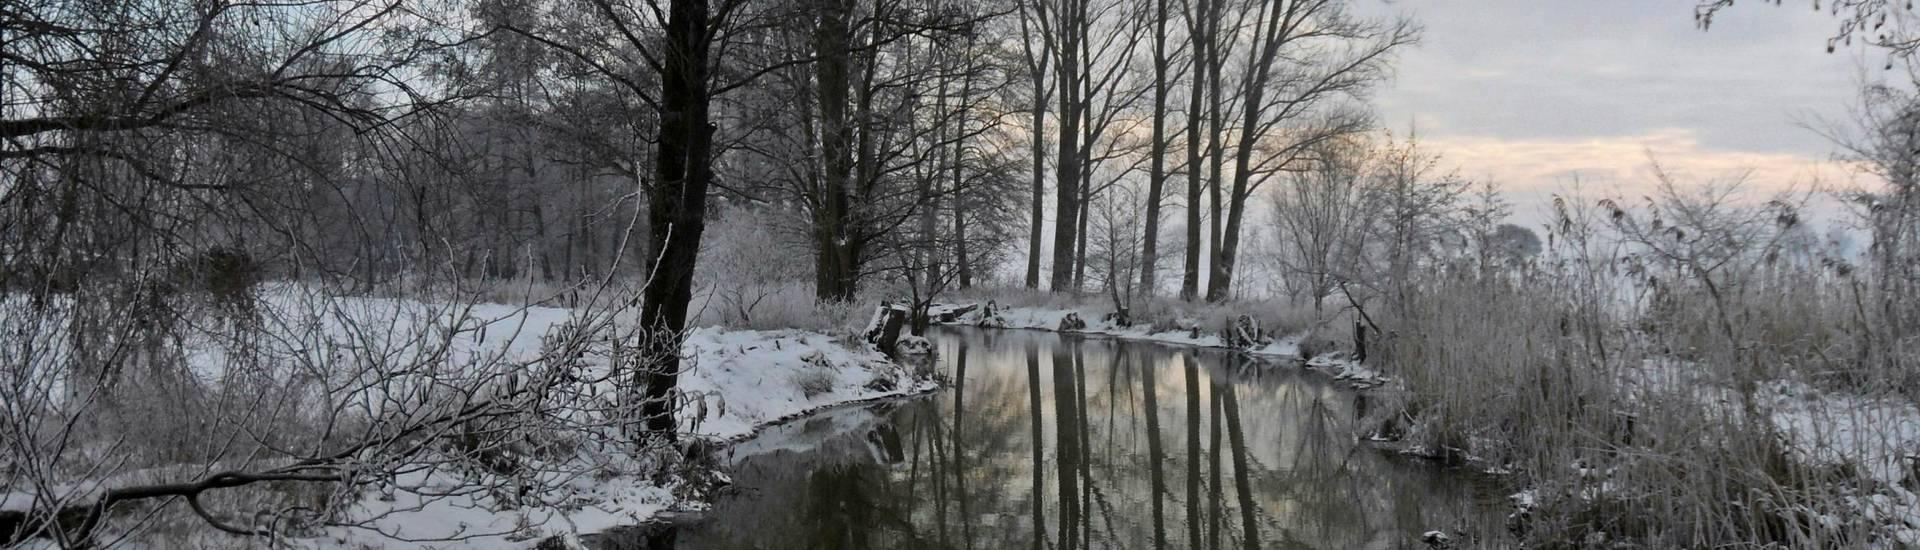 ©Simone Grieger